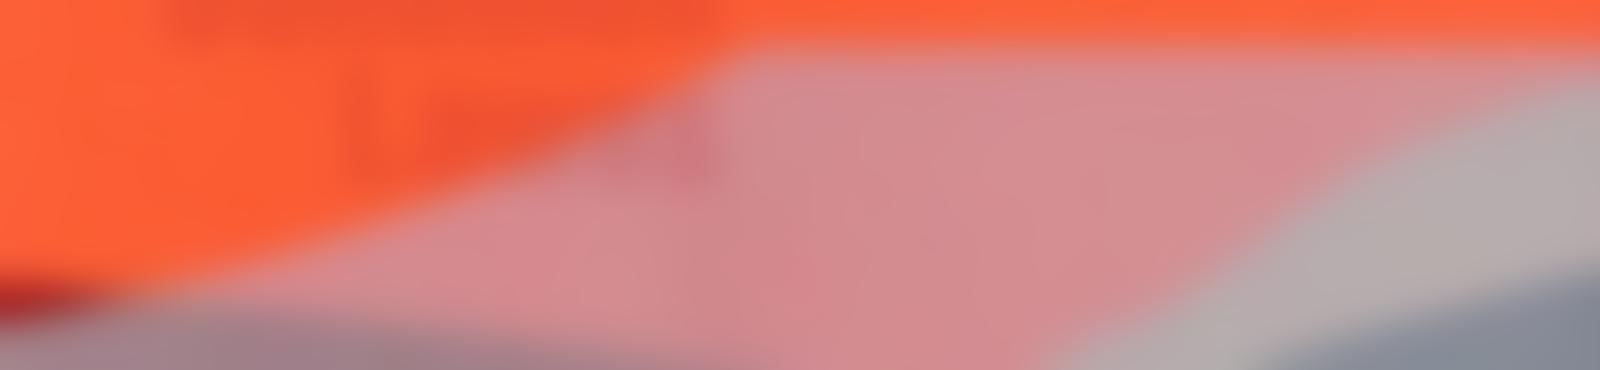 Blurred 10d00490 c8f3 4d78 aa2d dd09d50d7f82